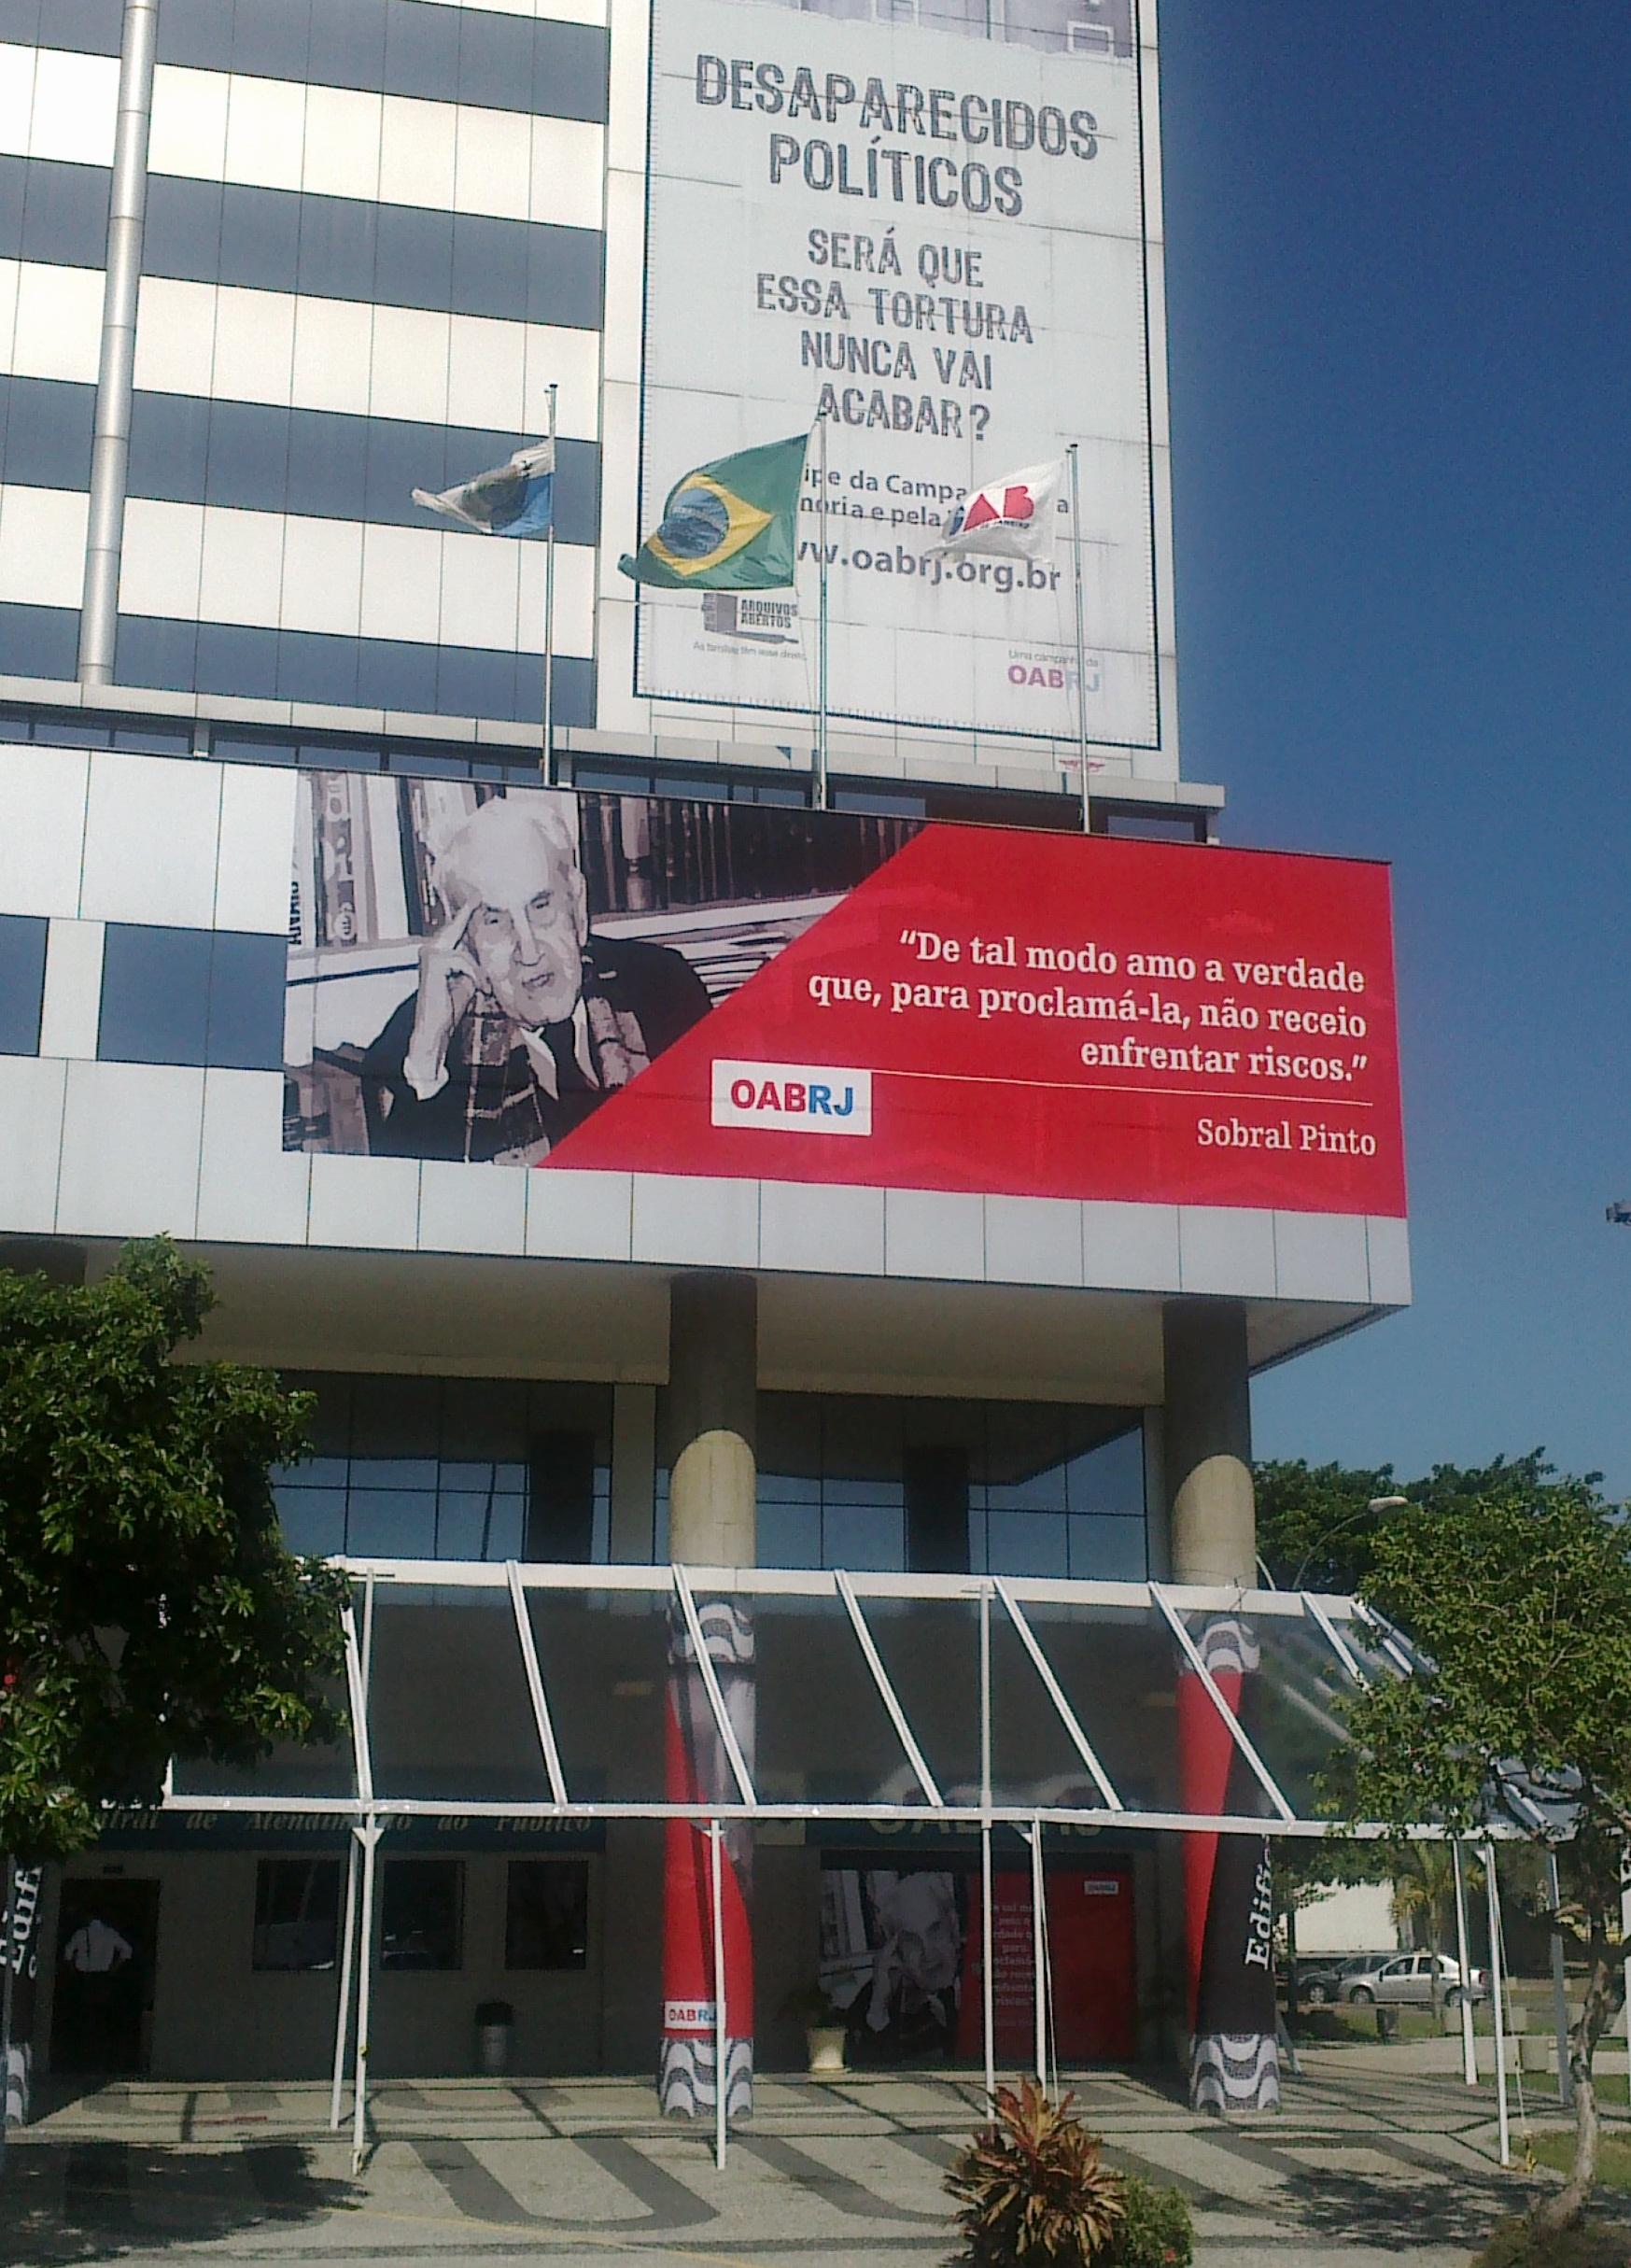 Edifício sede da OAB-RJ, alvo de atentado e ameaça de bomba na tarde hoje. Foto: Marcelo Oliveira / ASCOM - CNV